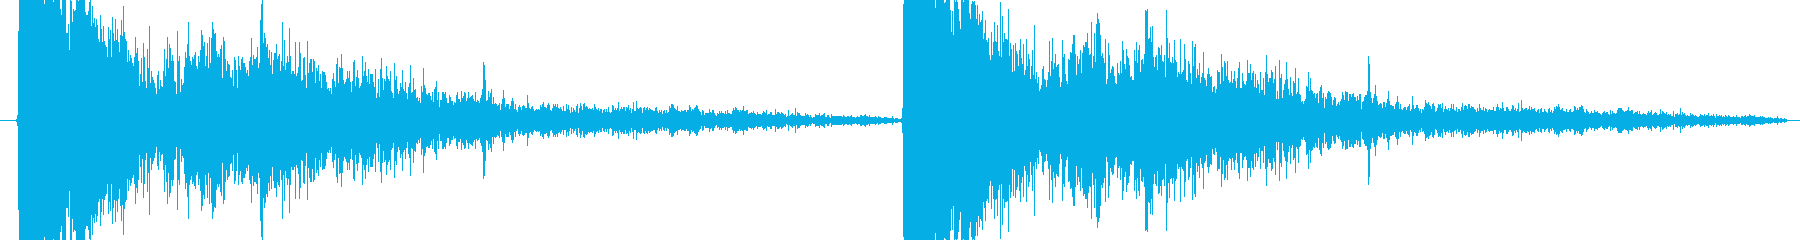 スナイパーライフル系の発砲音の再生済みの波形